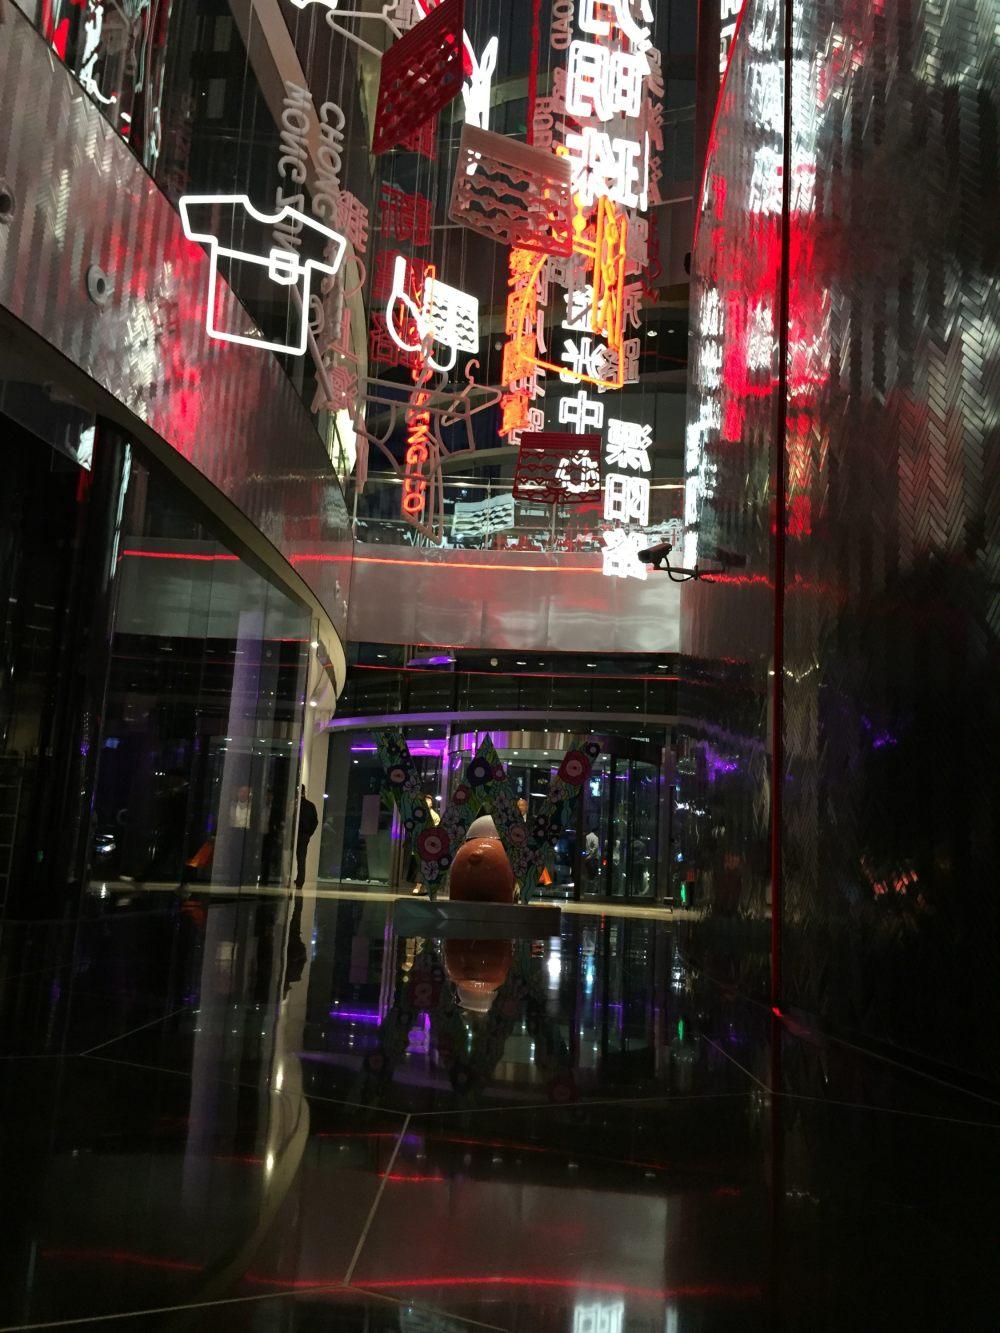 上海外滩W酒店,史上最全入住体验 自拍分享,申请置...._IMG_5933.JPG